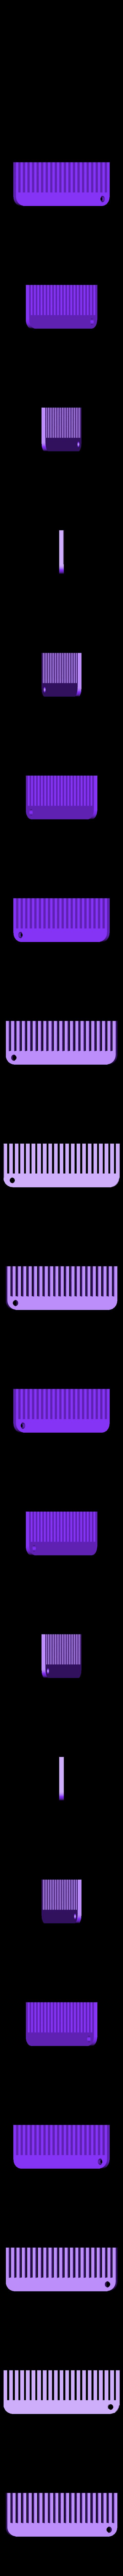 comb.stl Download free STL file Simple Comb • 3D print object, NikodemBartnik